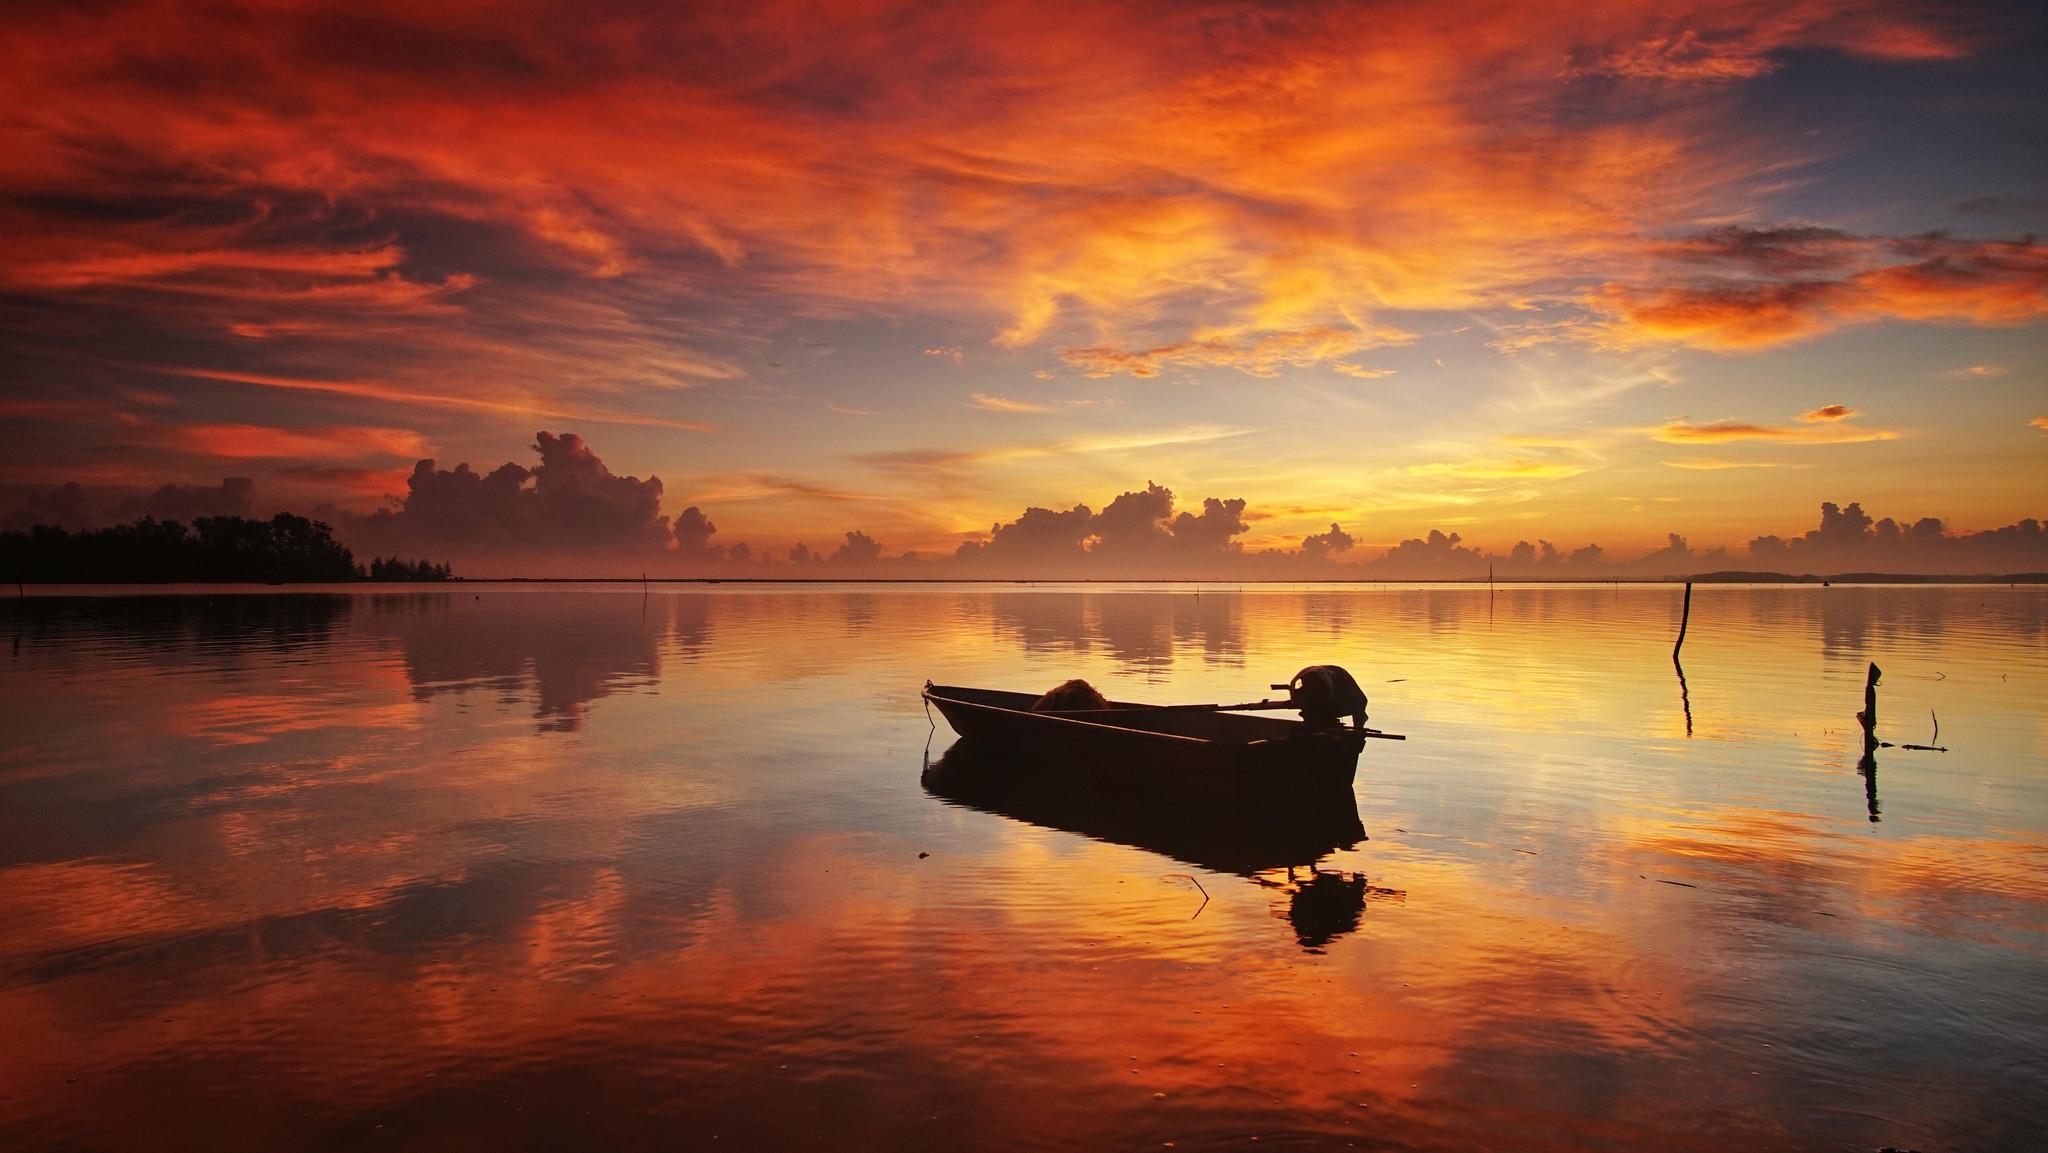 Canoa en un rio al atardecer - 2048x1153